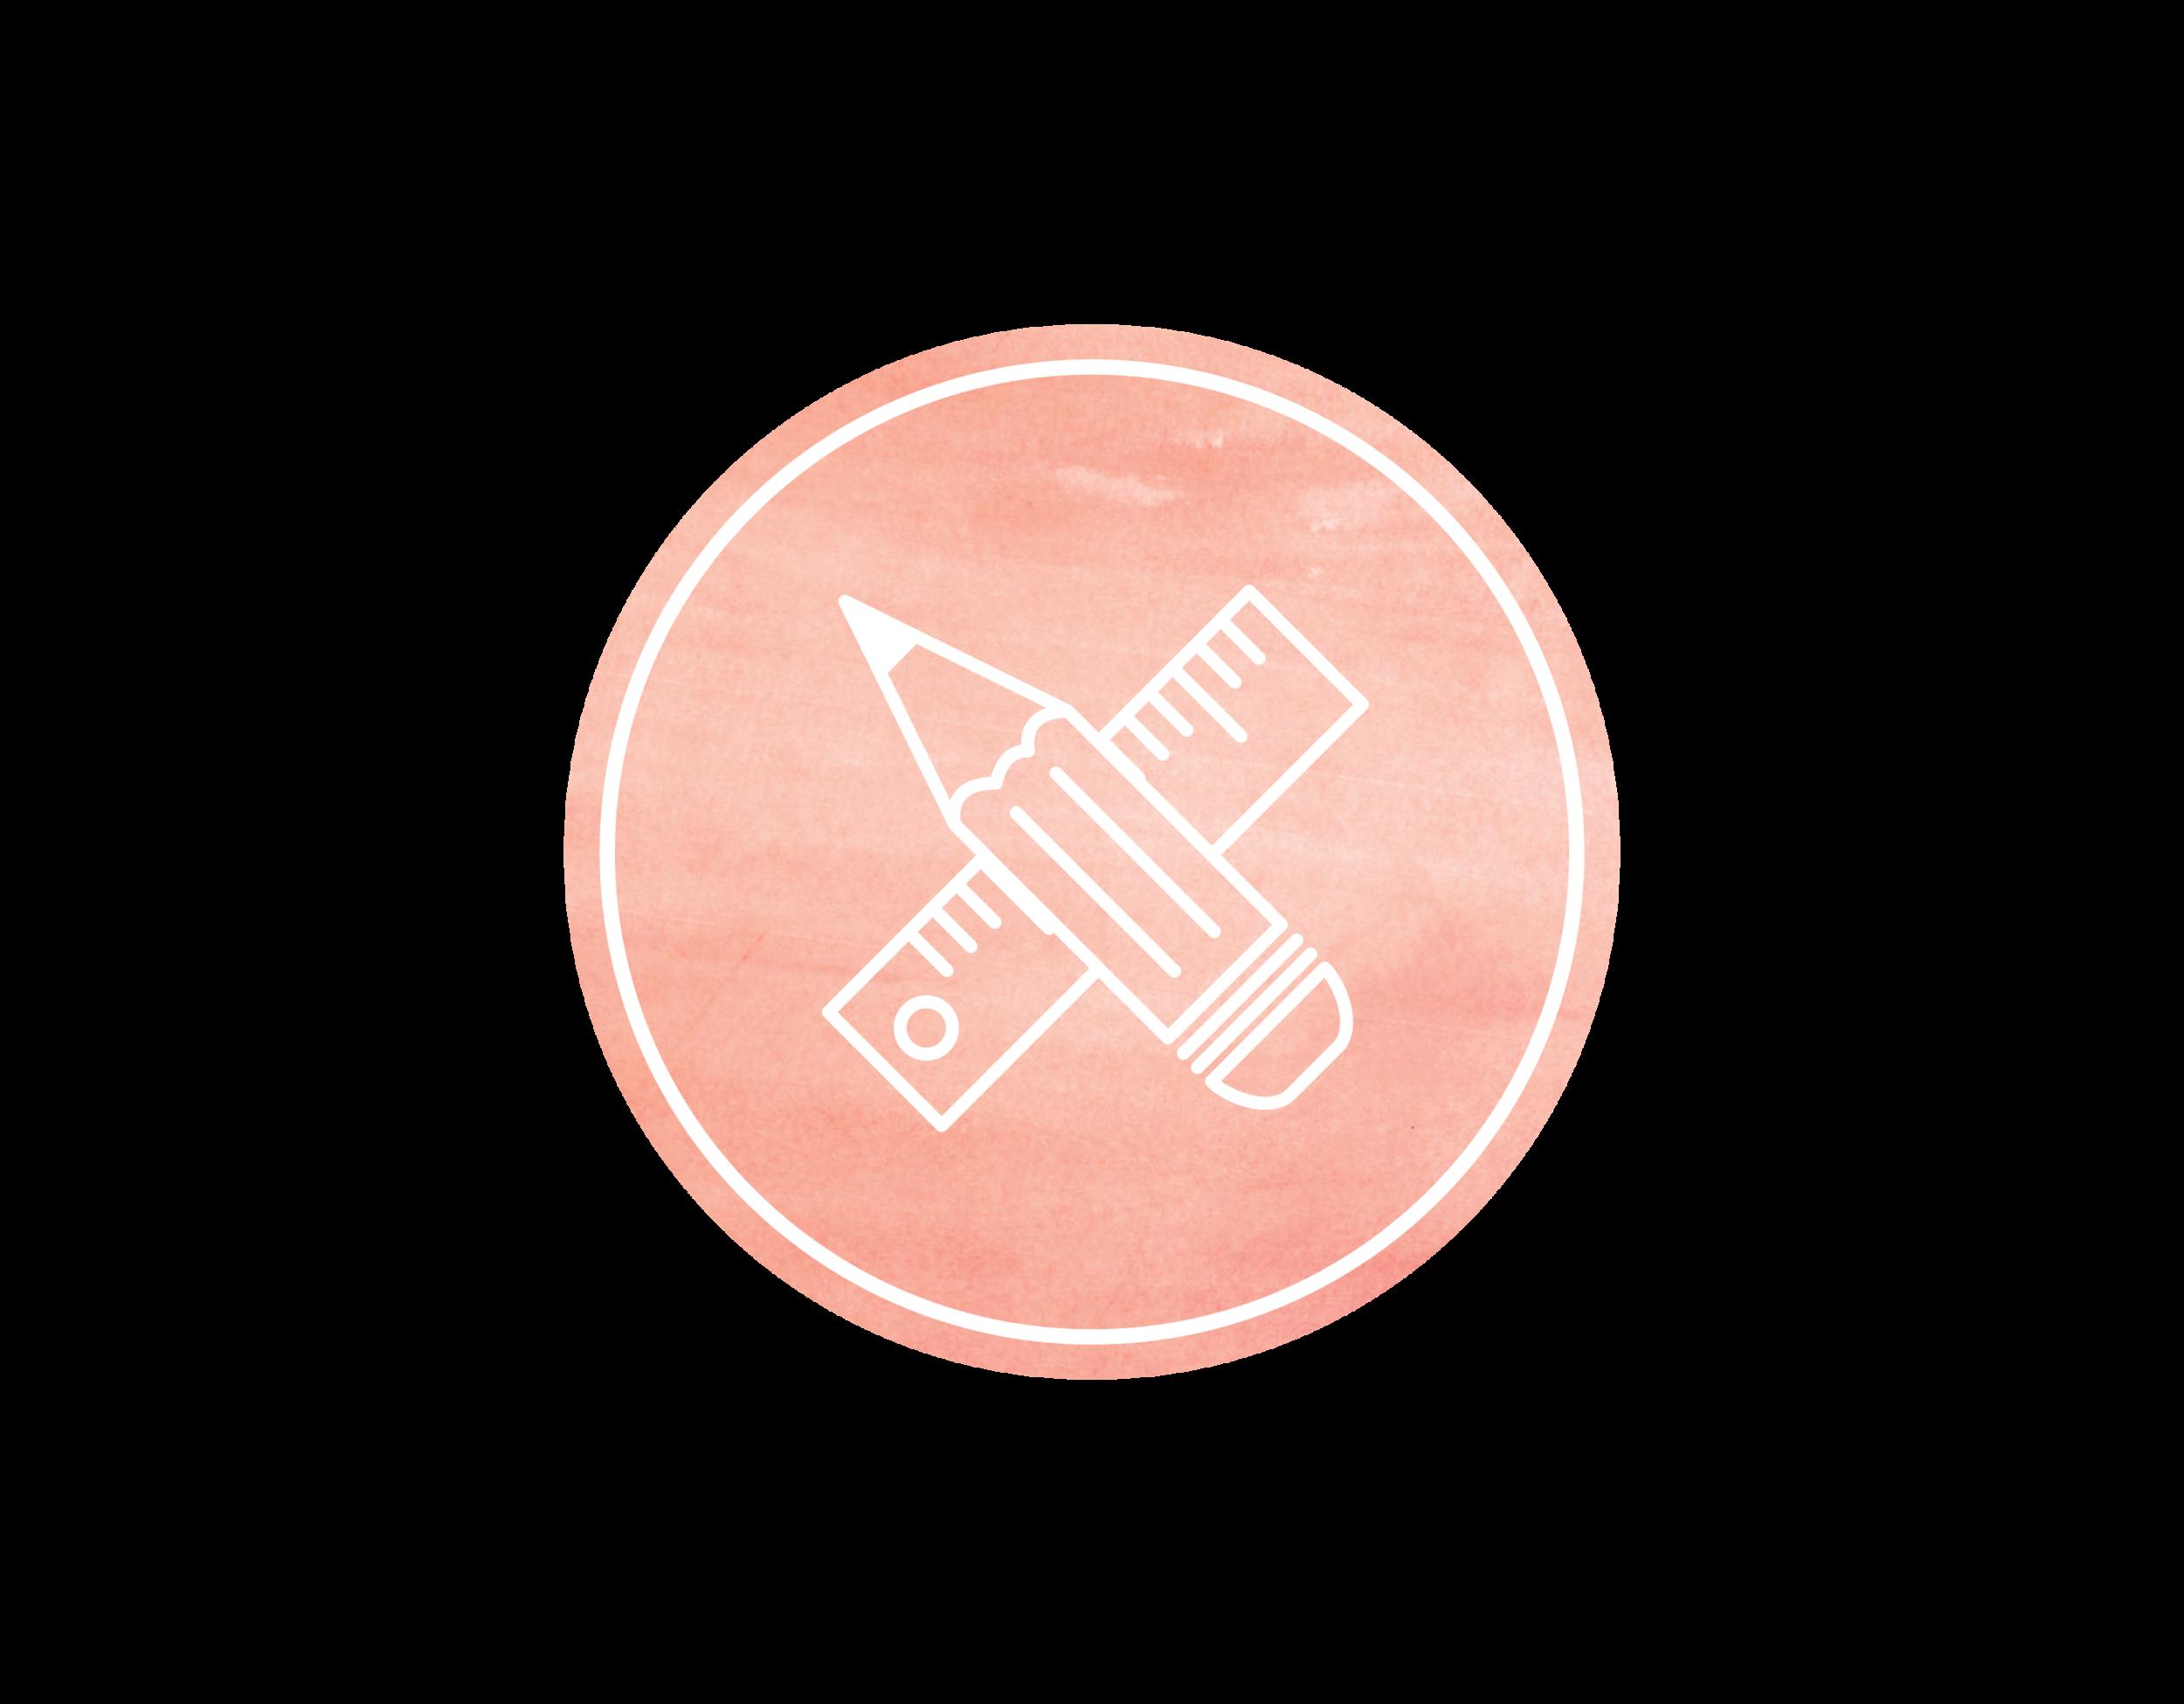 Design_Step4.png